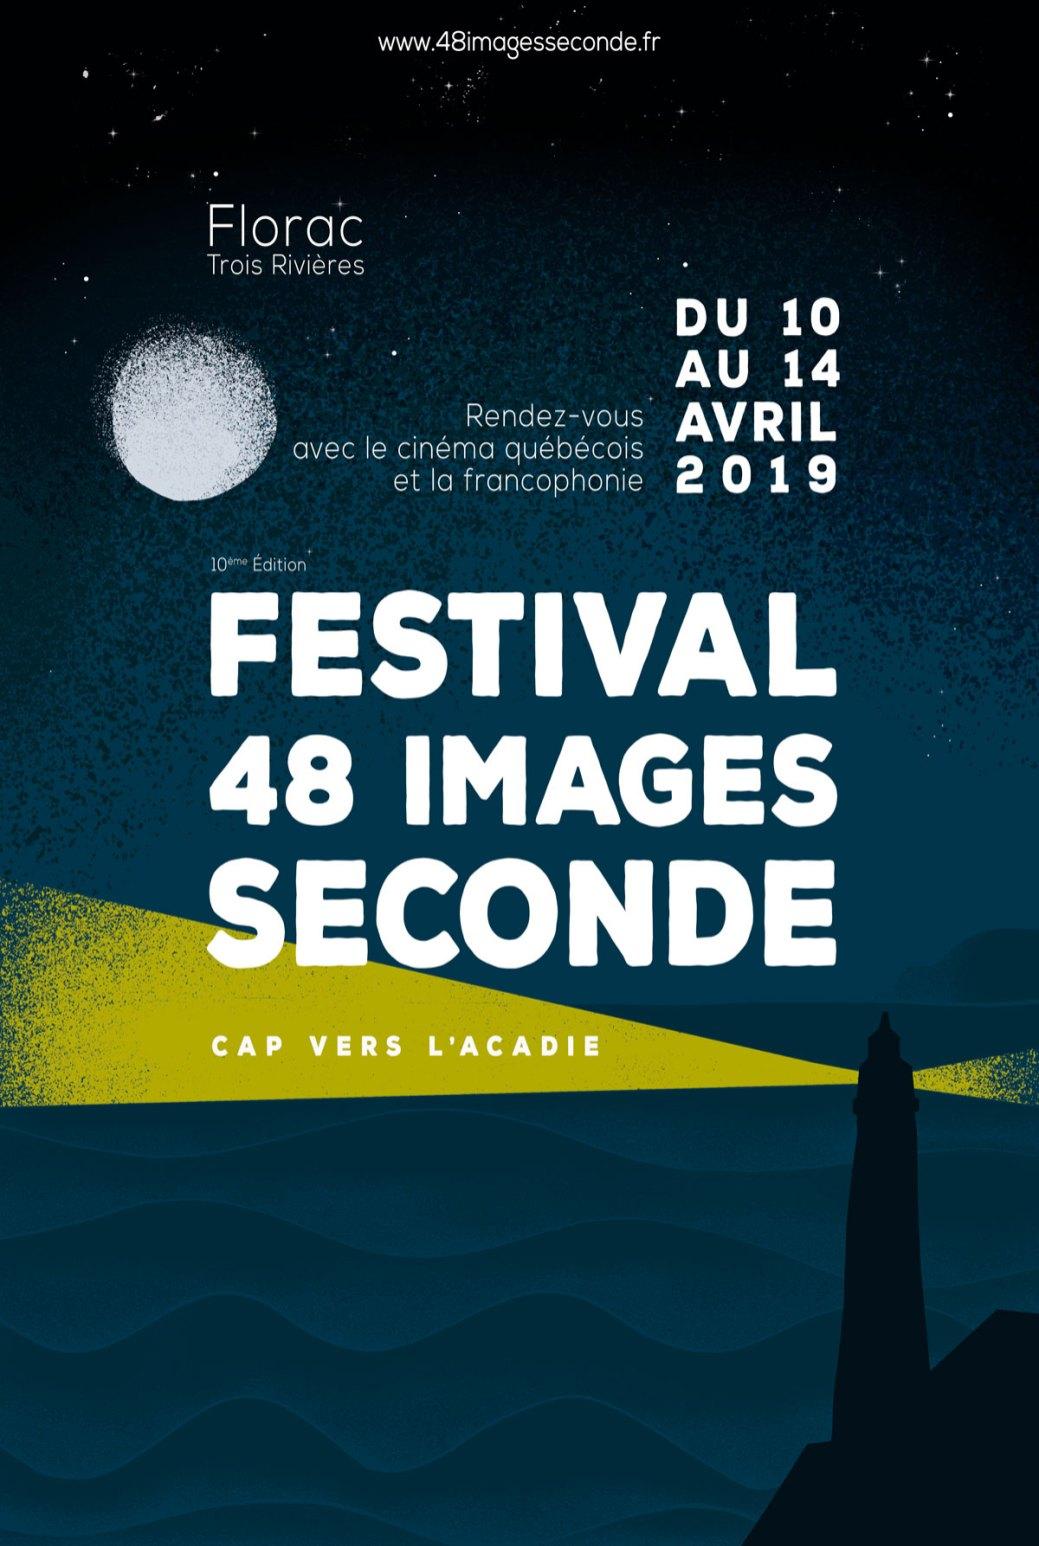 Le Festival 48 images seconde a décidé de mettre l'Acadie à l'honneur. - Gracieuseté